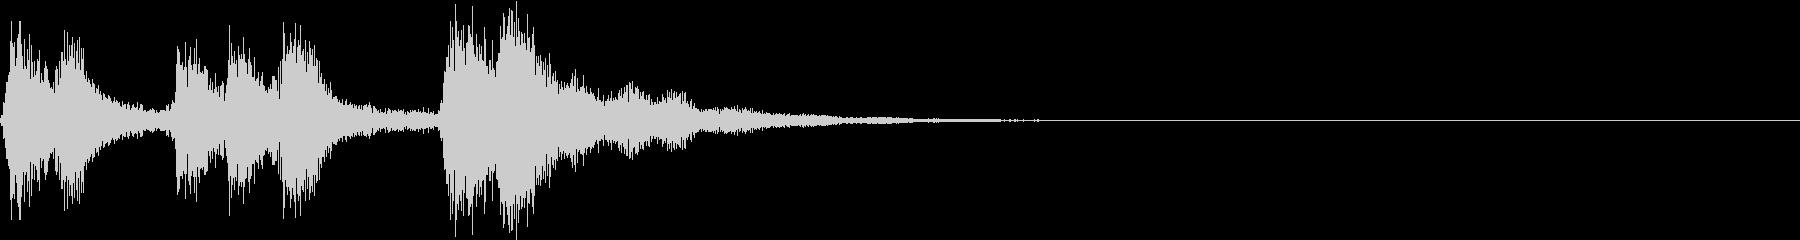 バイオリン!和風イメージの短いジングルの未再生の波形